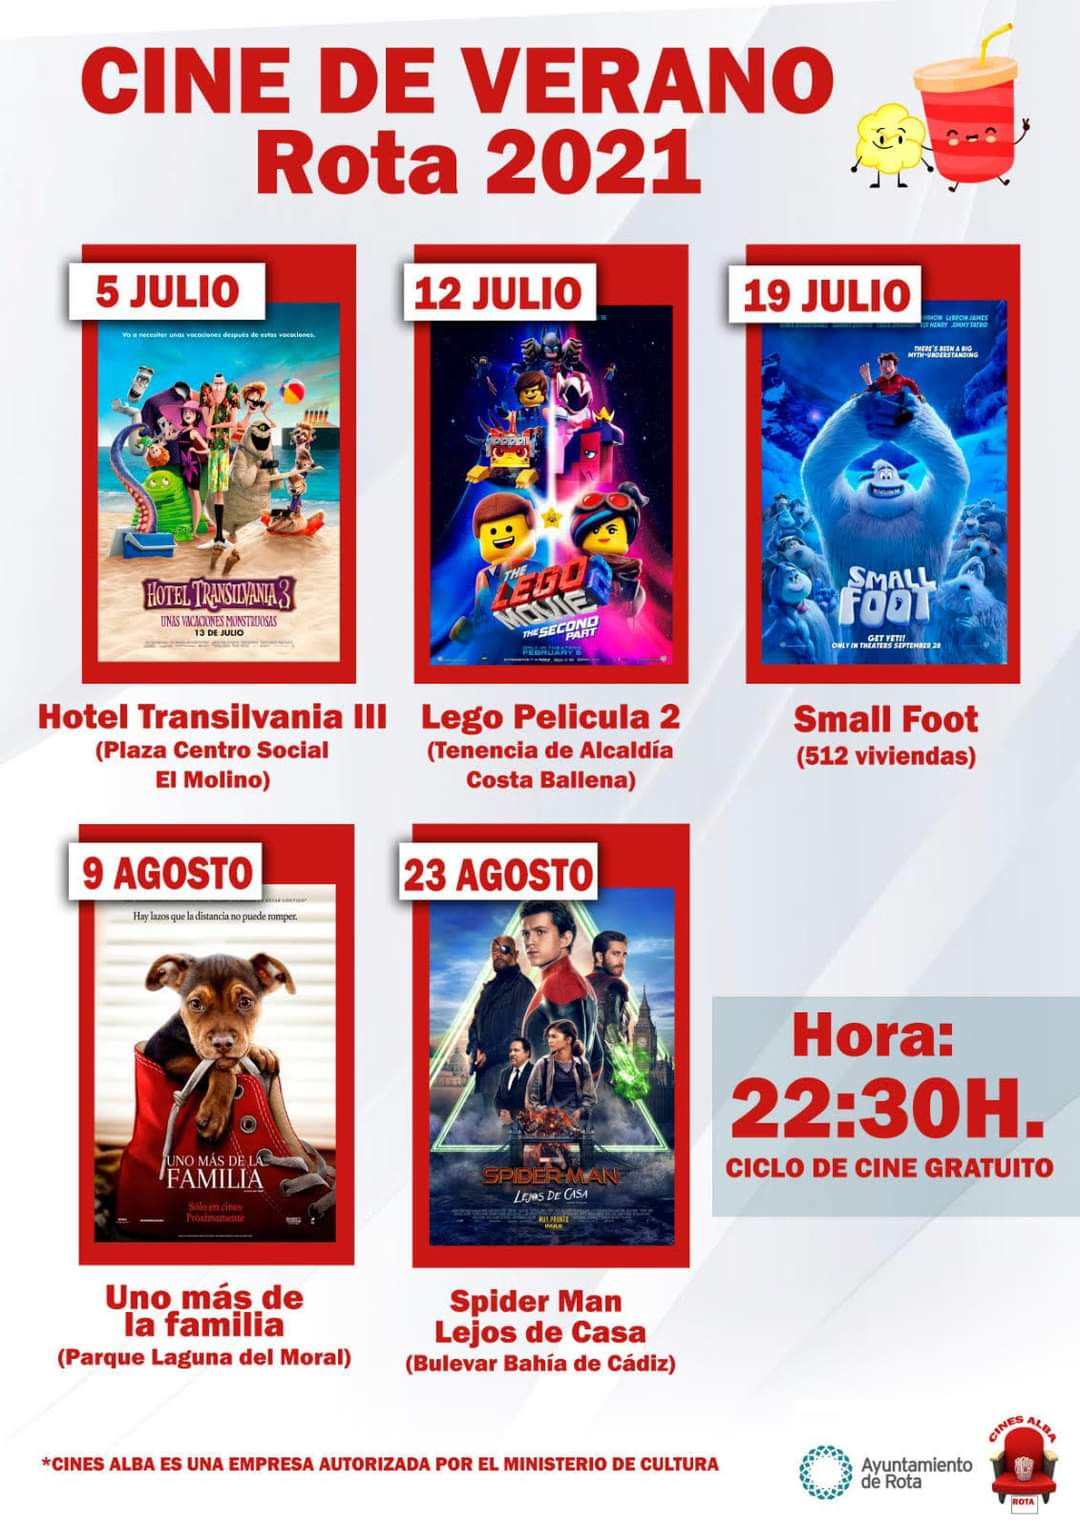 cine de verano 2021 rota